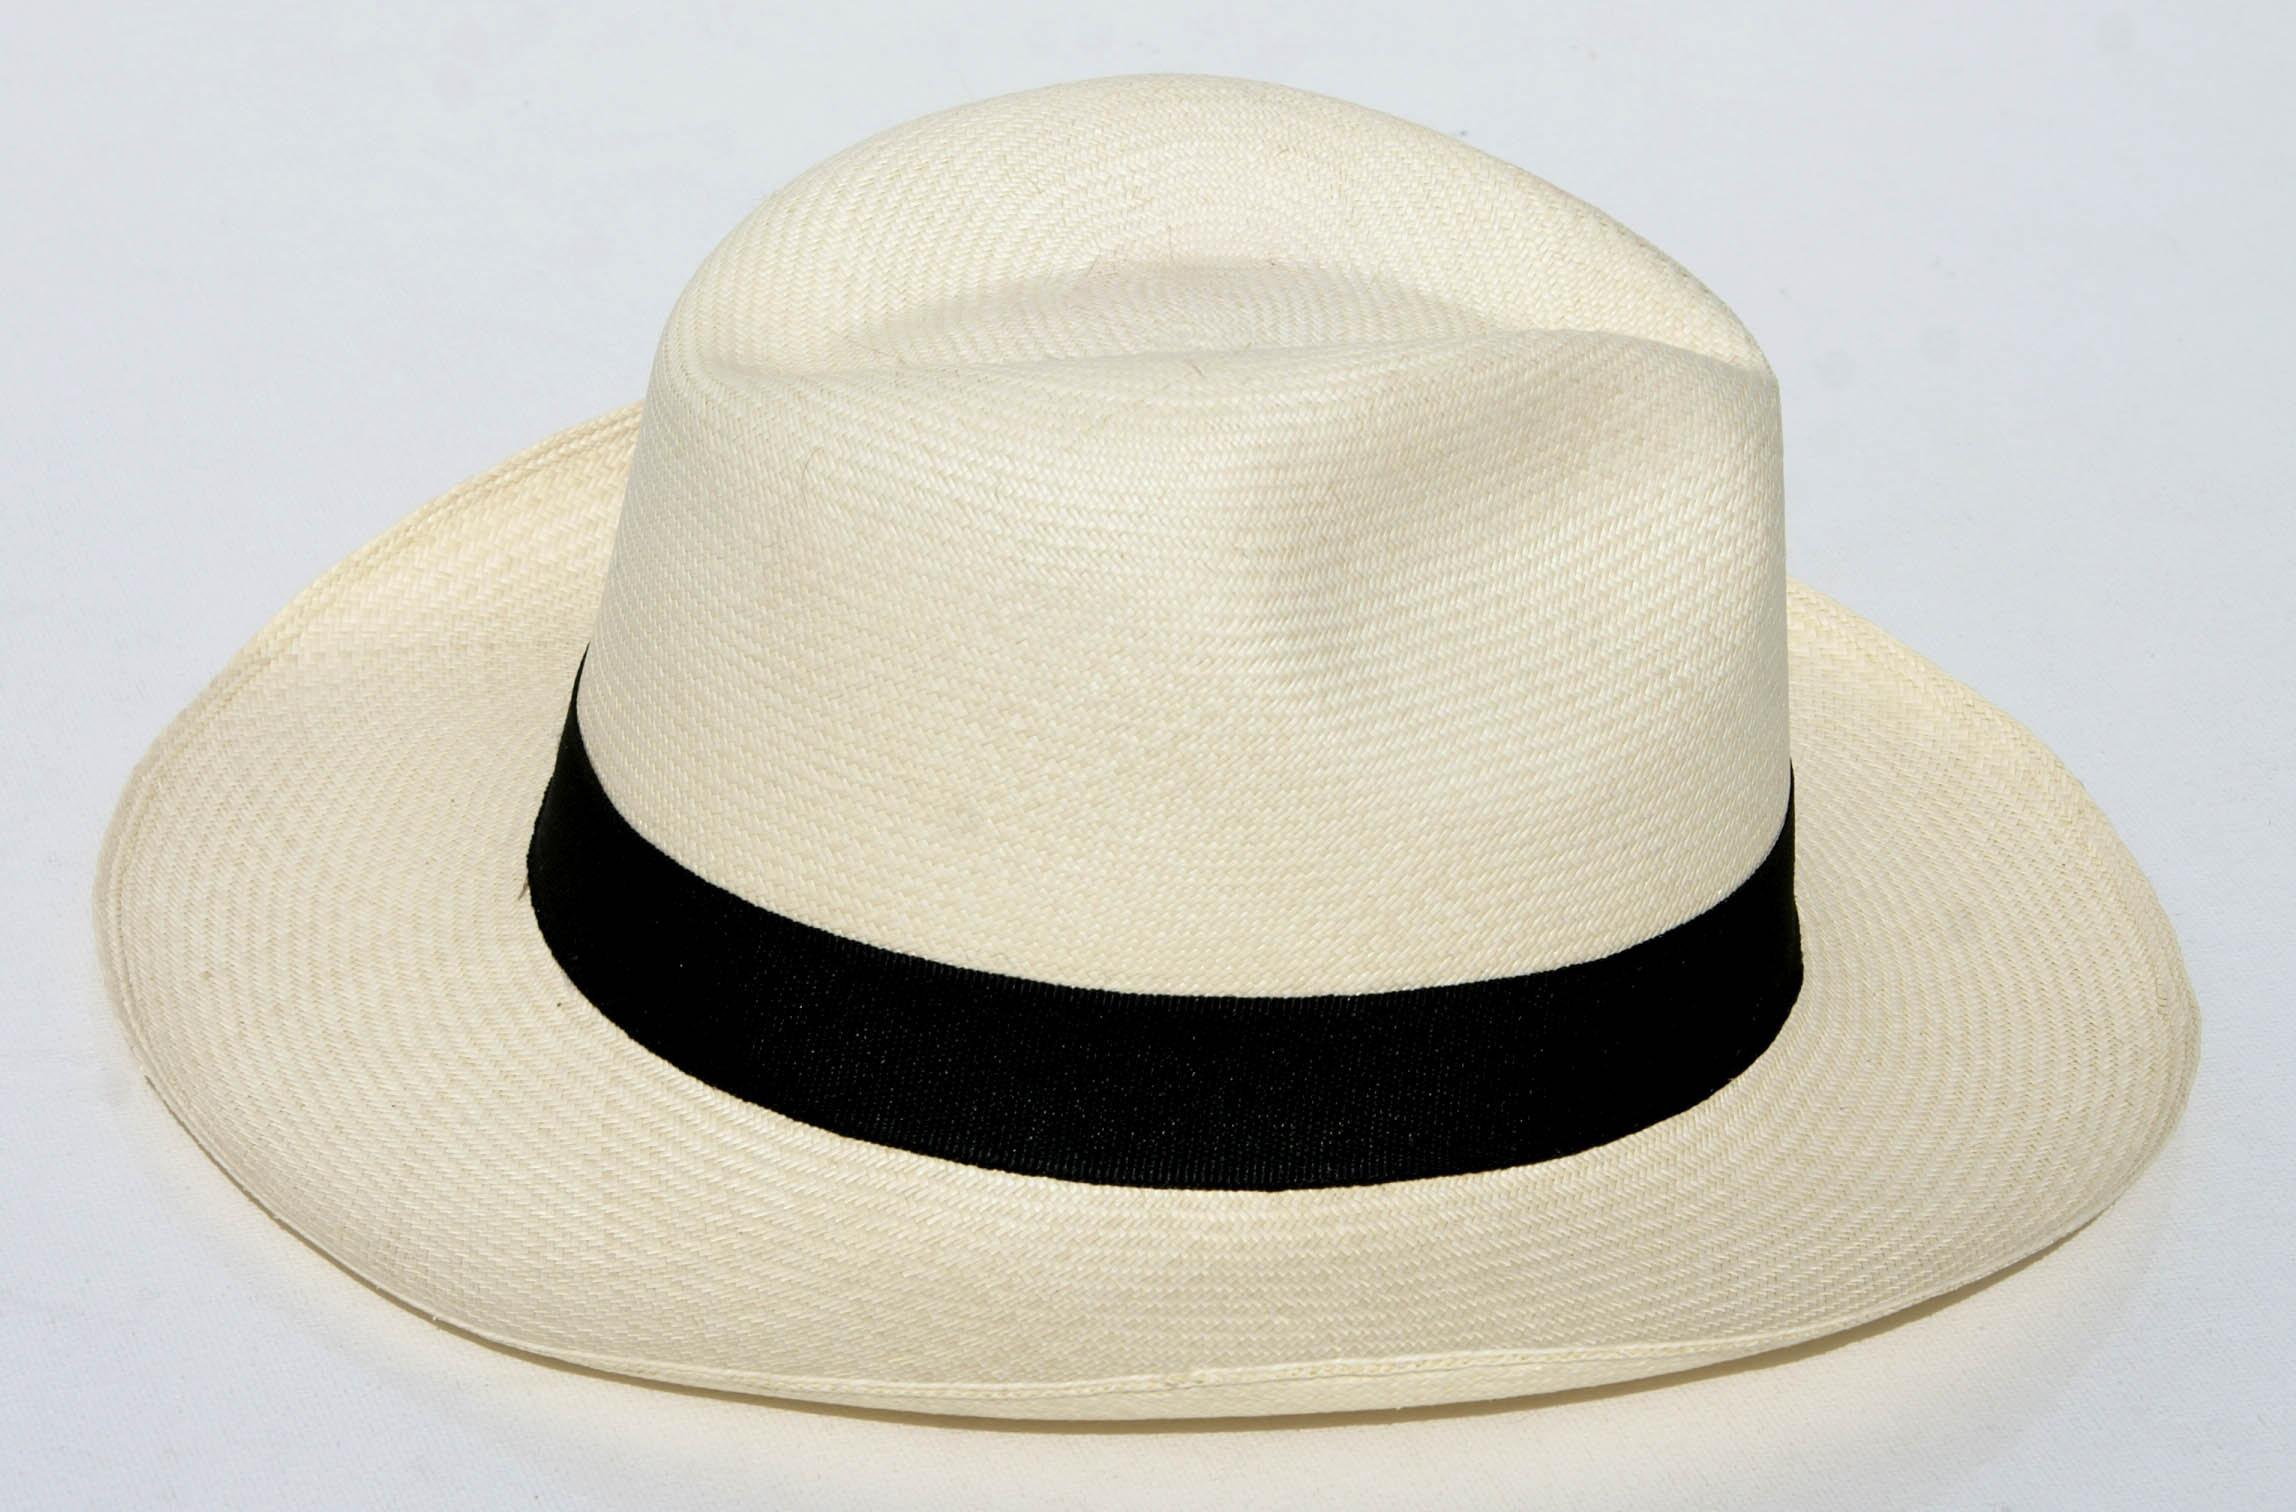 6df30fddb Biely originál panamský klobúk, letné čiapky pre mužov, mens klobúky pláže